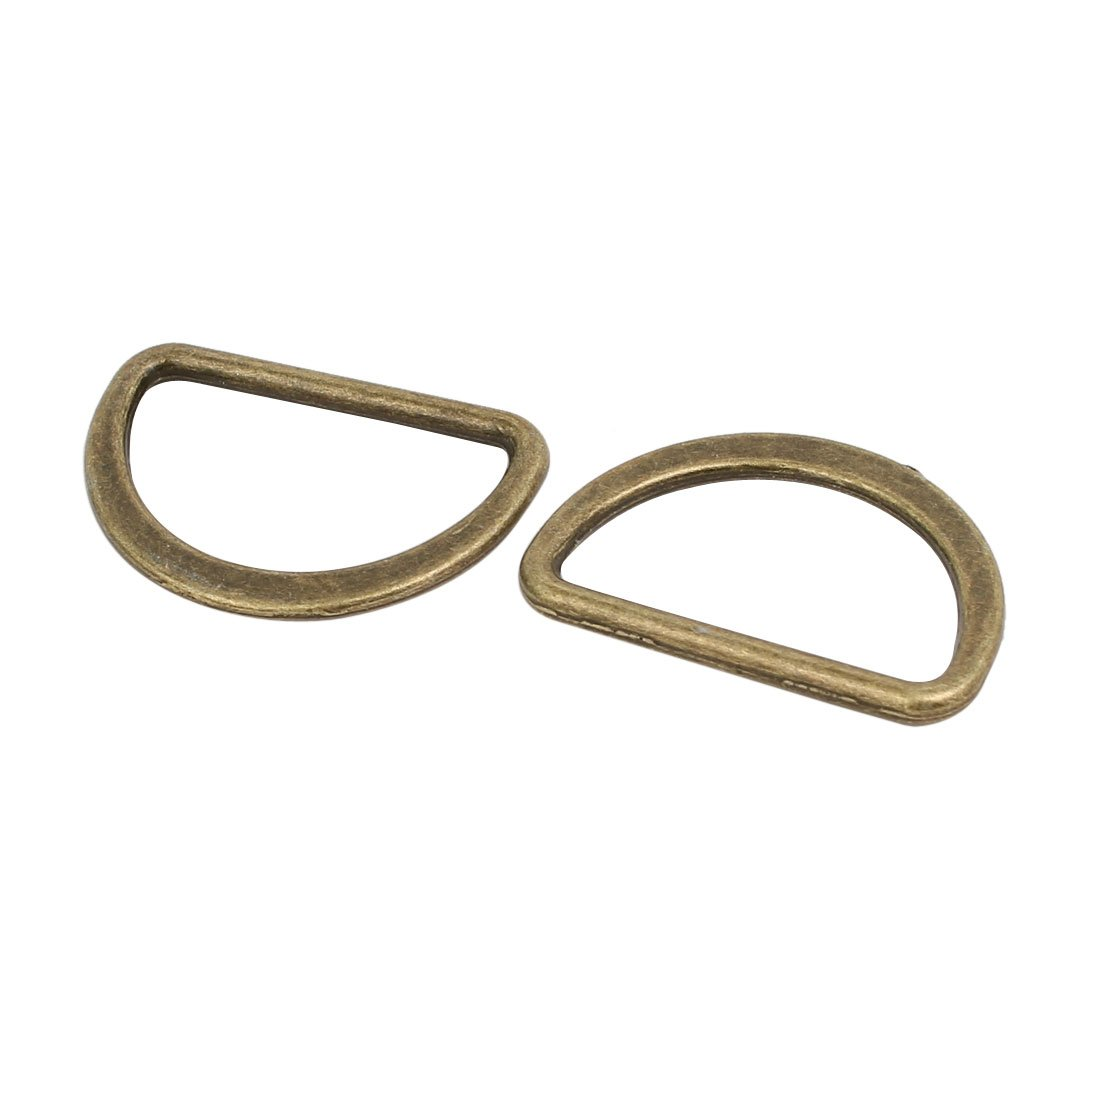 sourcingmap 25 St/ück 25mm D-Ringe Halbringe geschwei/ßt Zinklegierung Flach Ring Bronzeton DE de